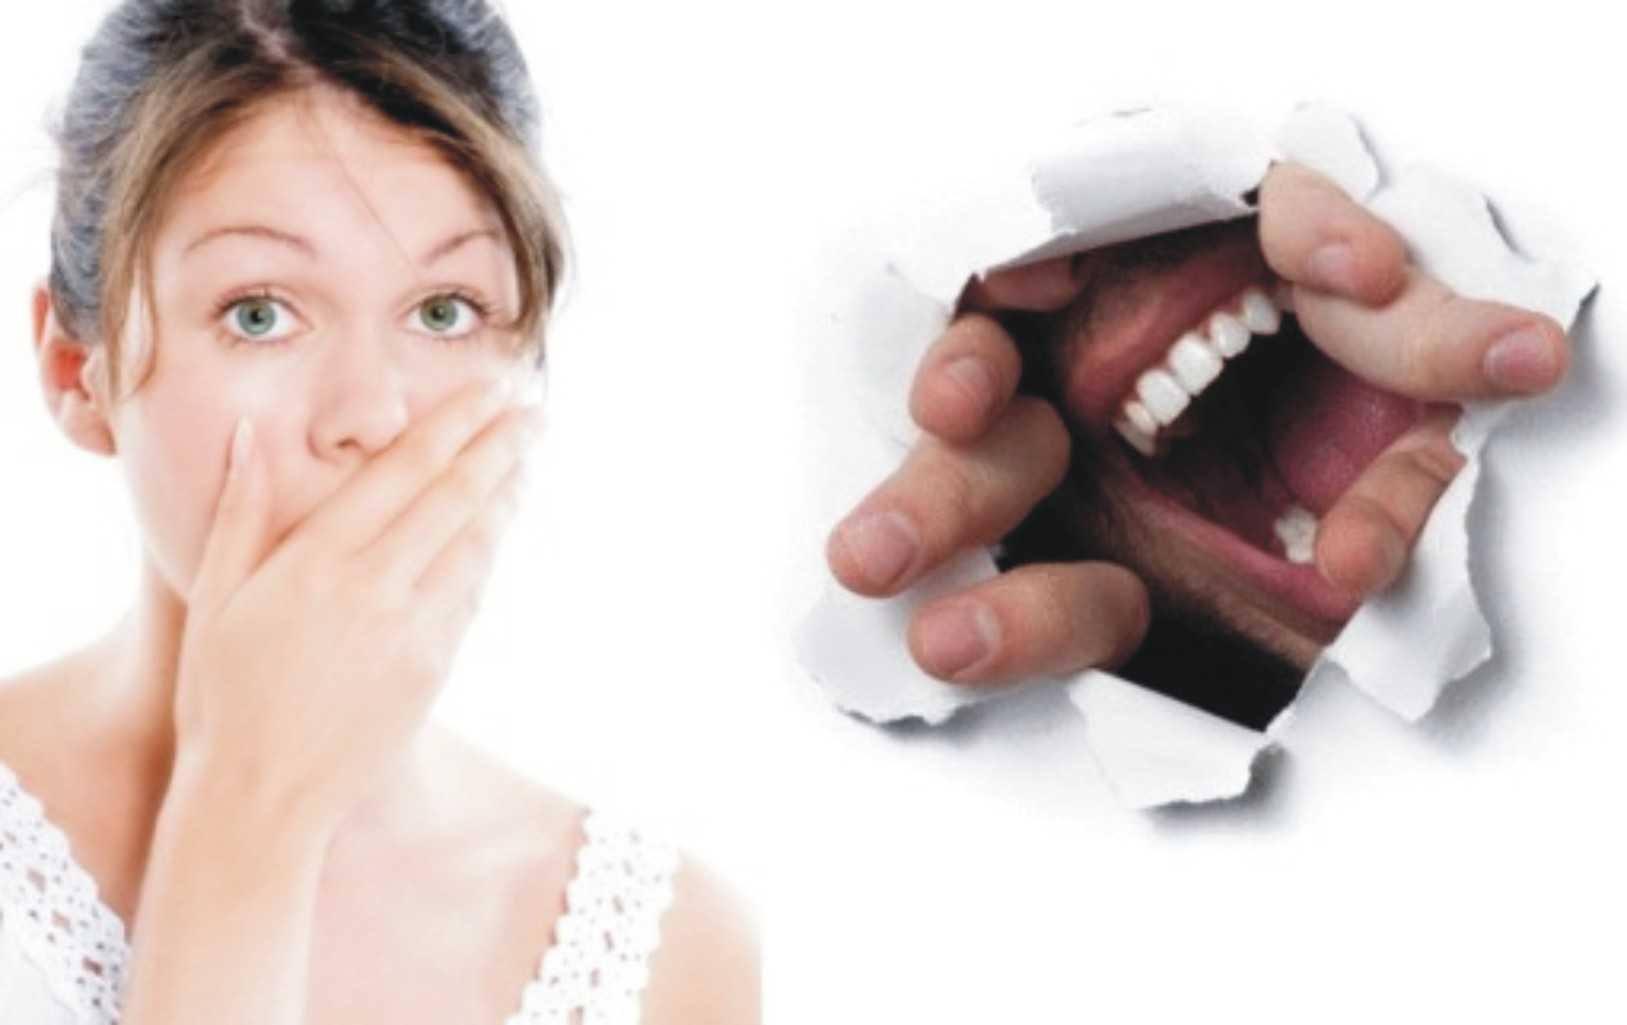 صوره رائحة الفم الكريهة , اسباب وحلول لرائحة الفم الكريهة